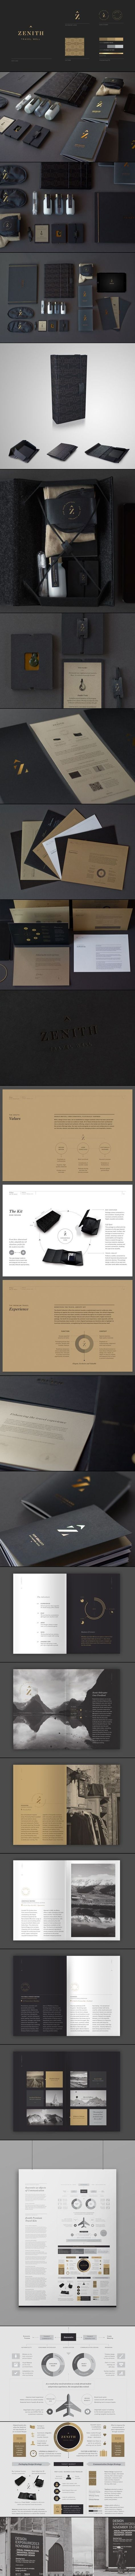 Zenith Travel Well — Designspiration